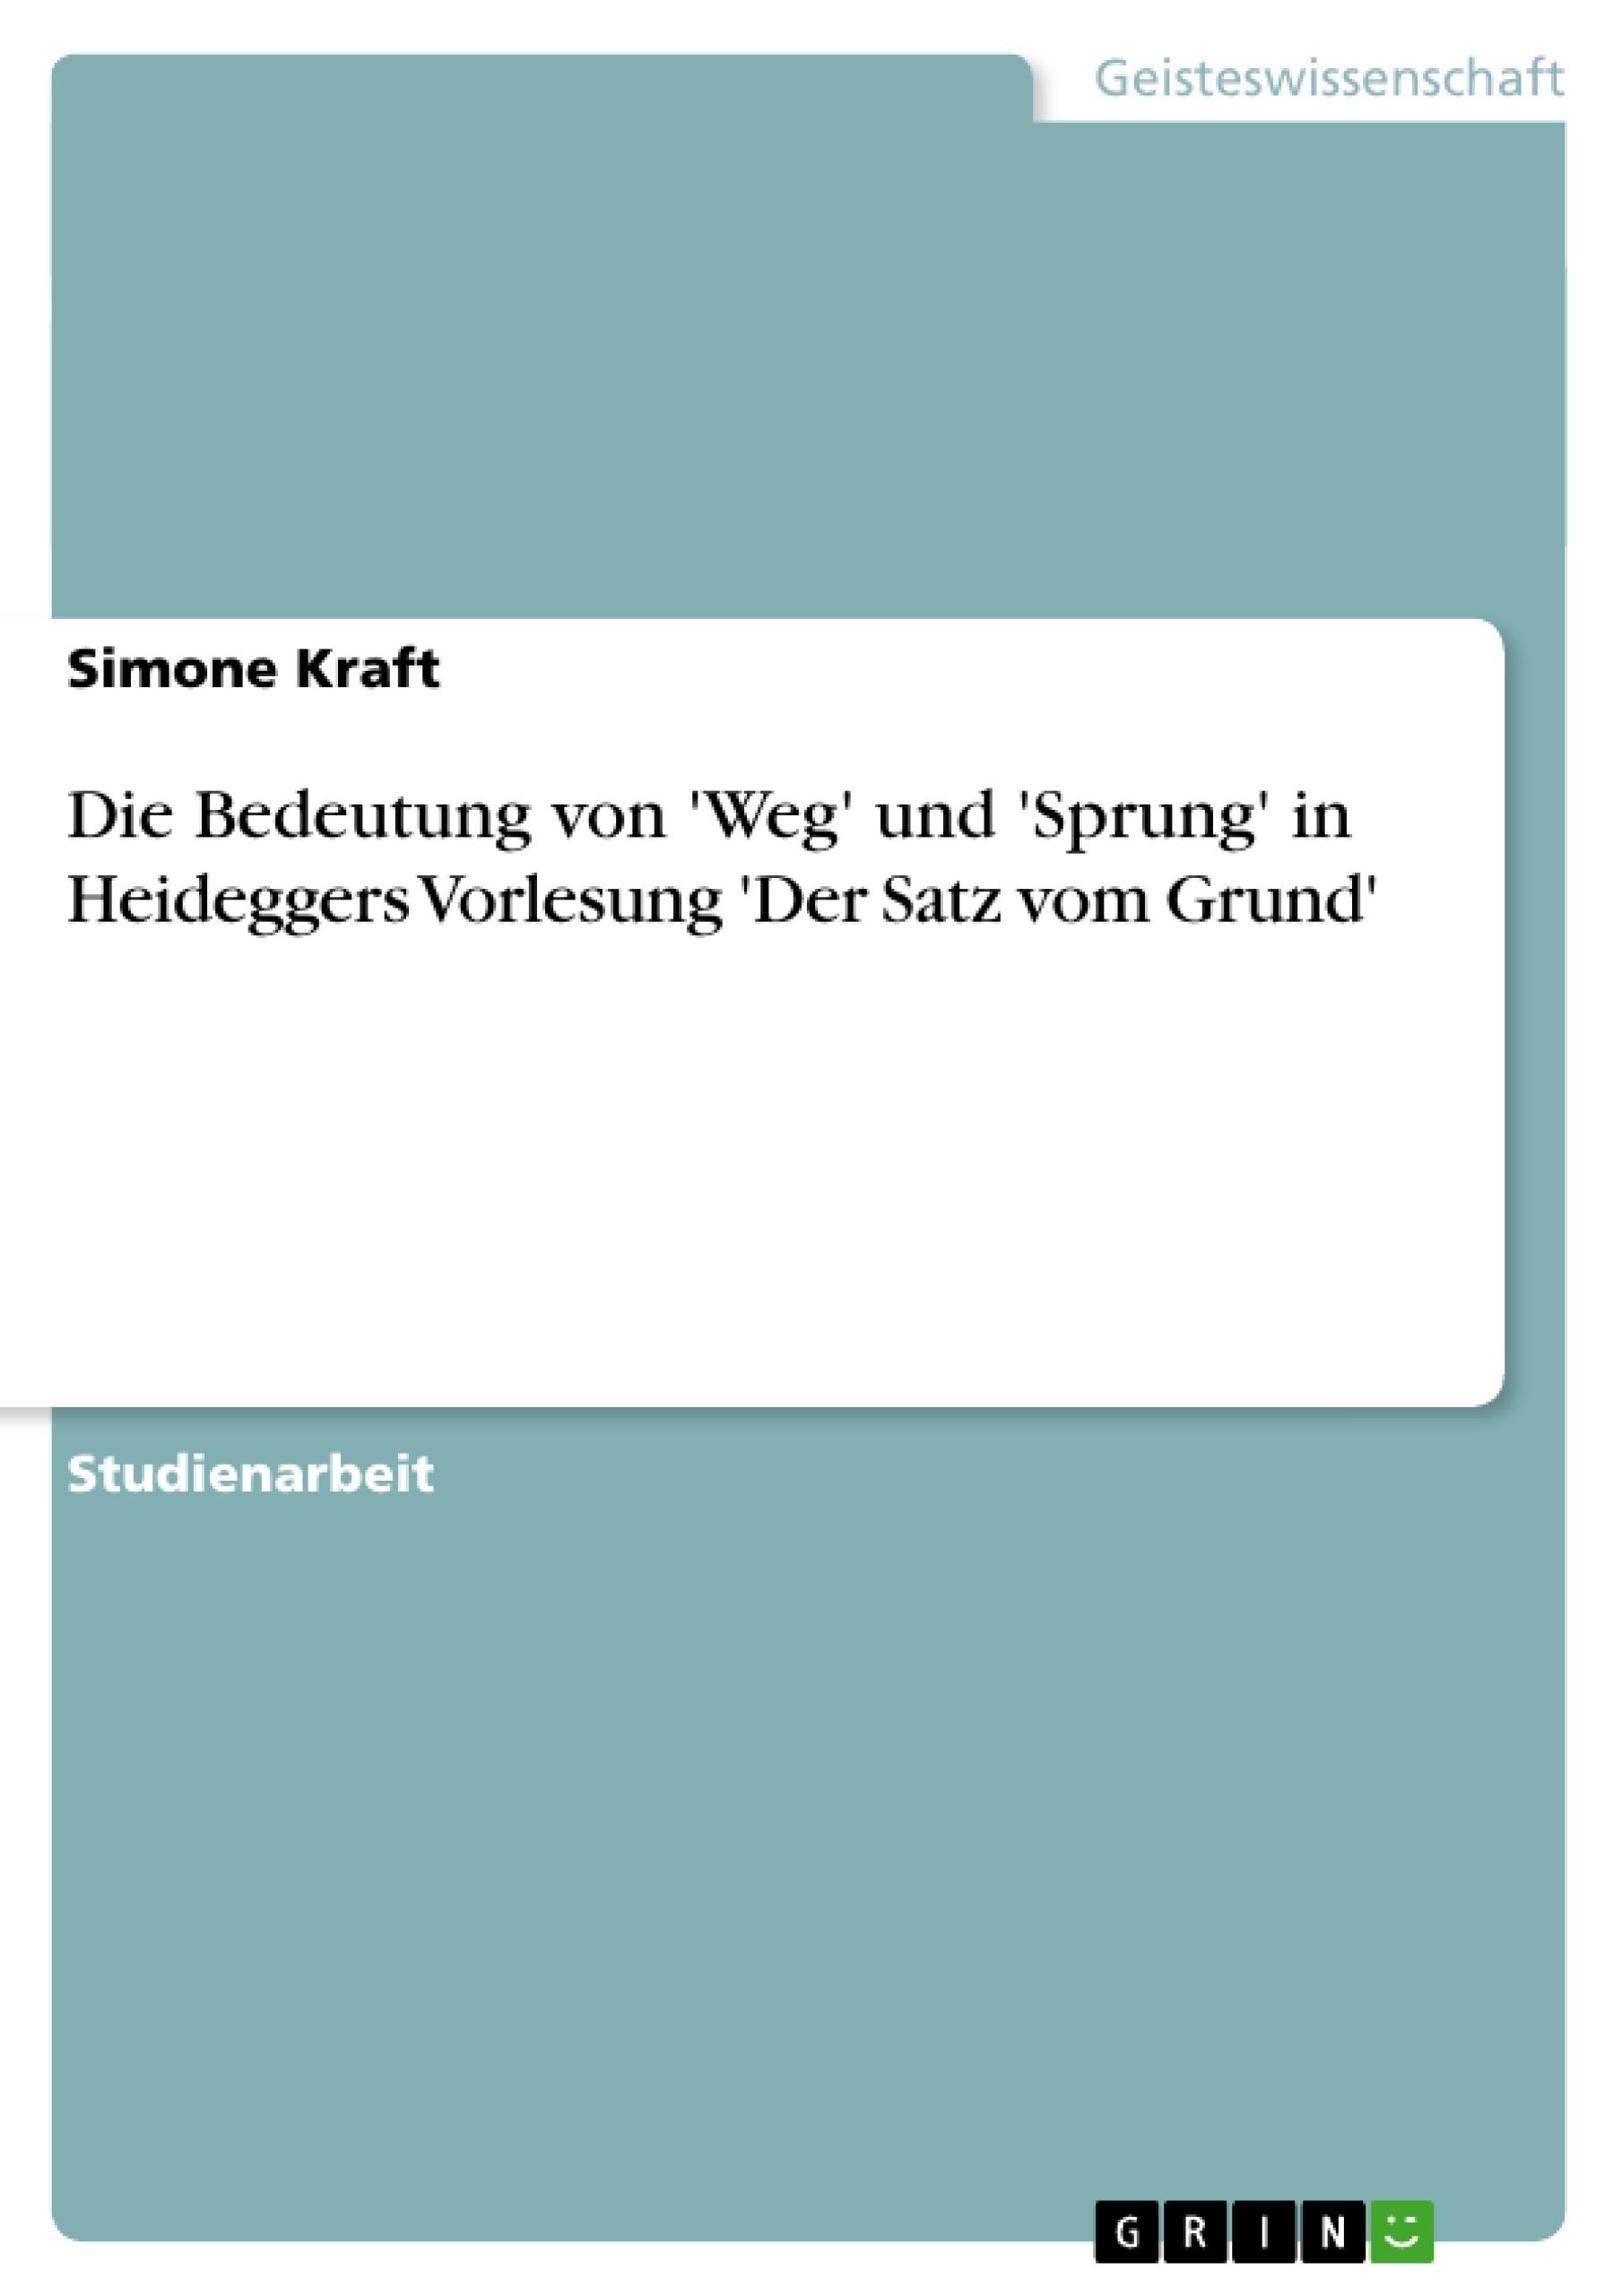 Titel: Die Bedeutung von 'Weg' und 'Sprung' in Heideggers Vorlesung 'Der Satz vom Grund'